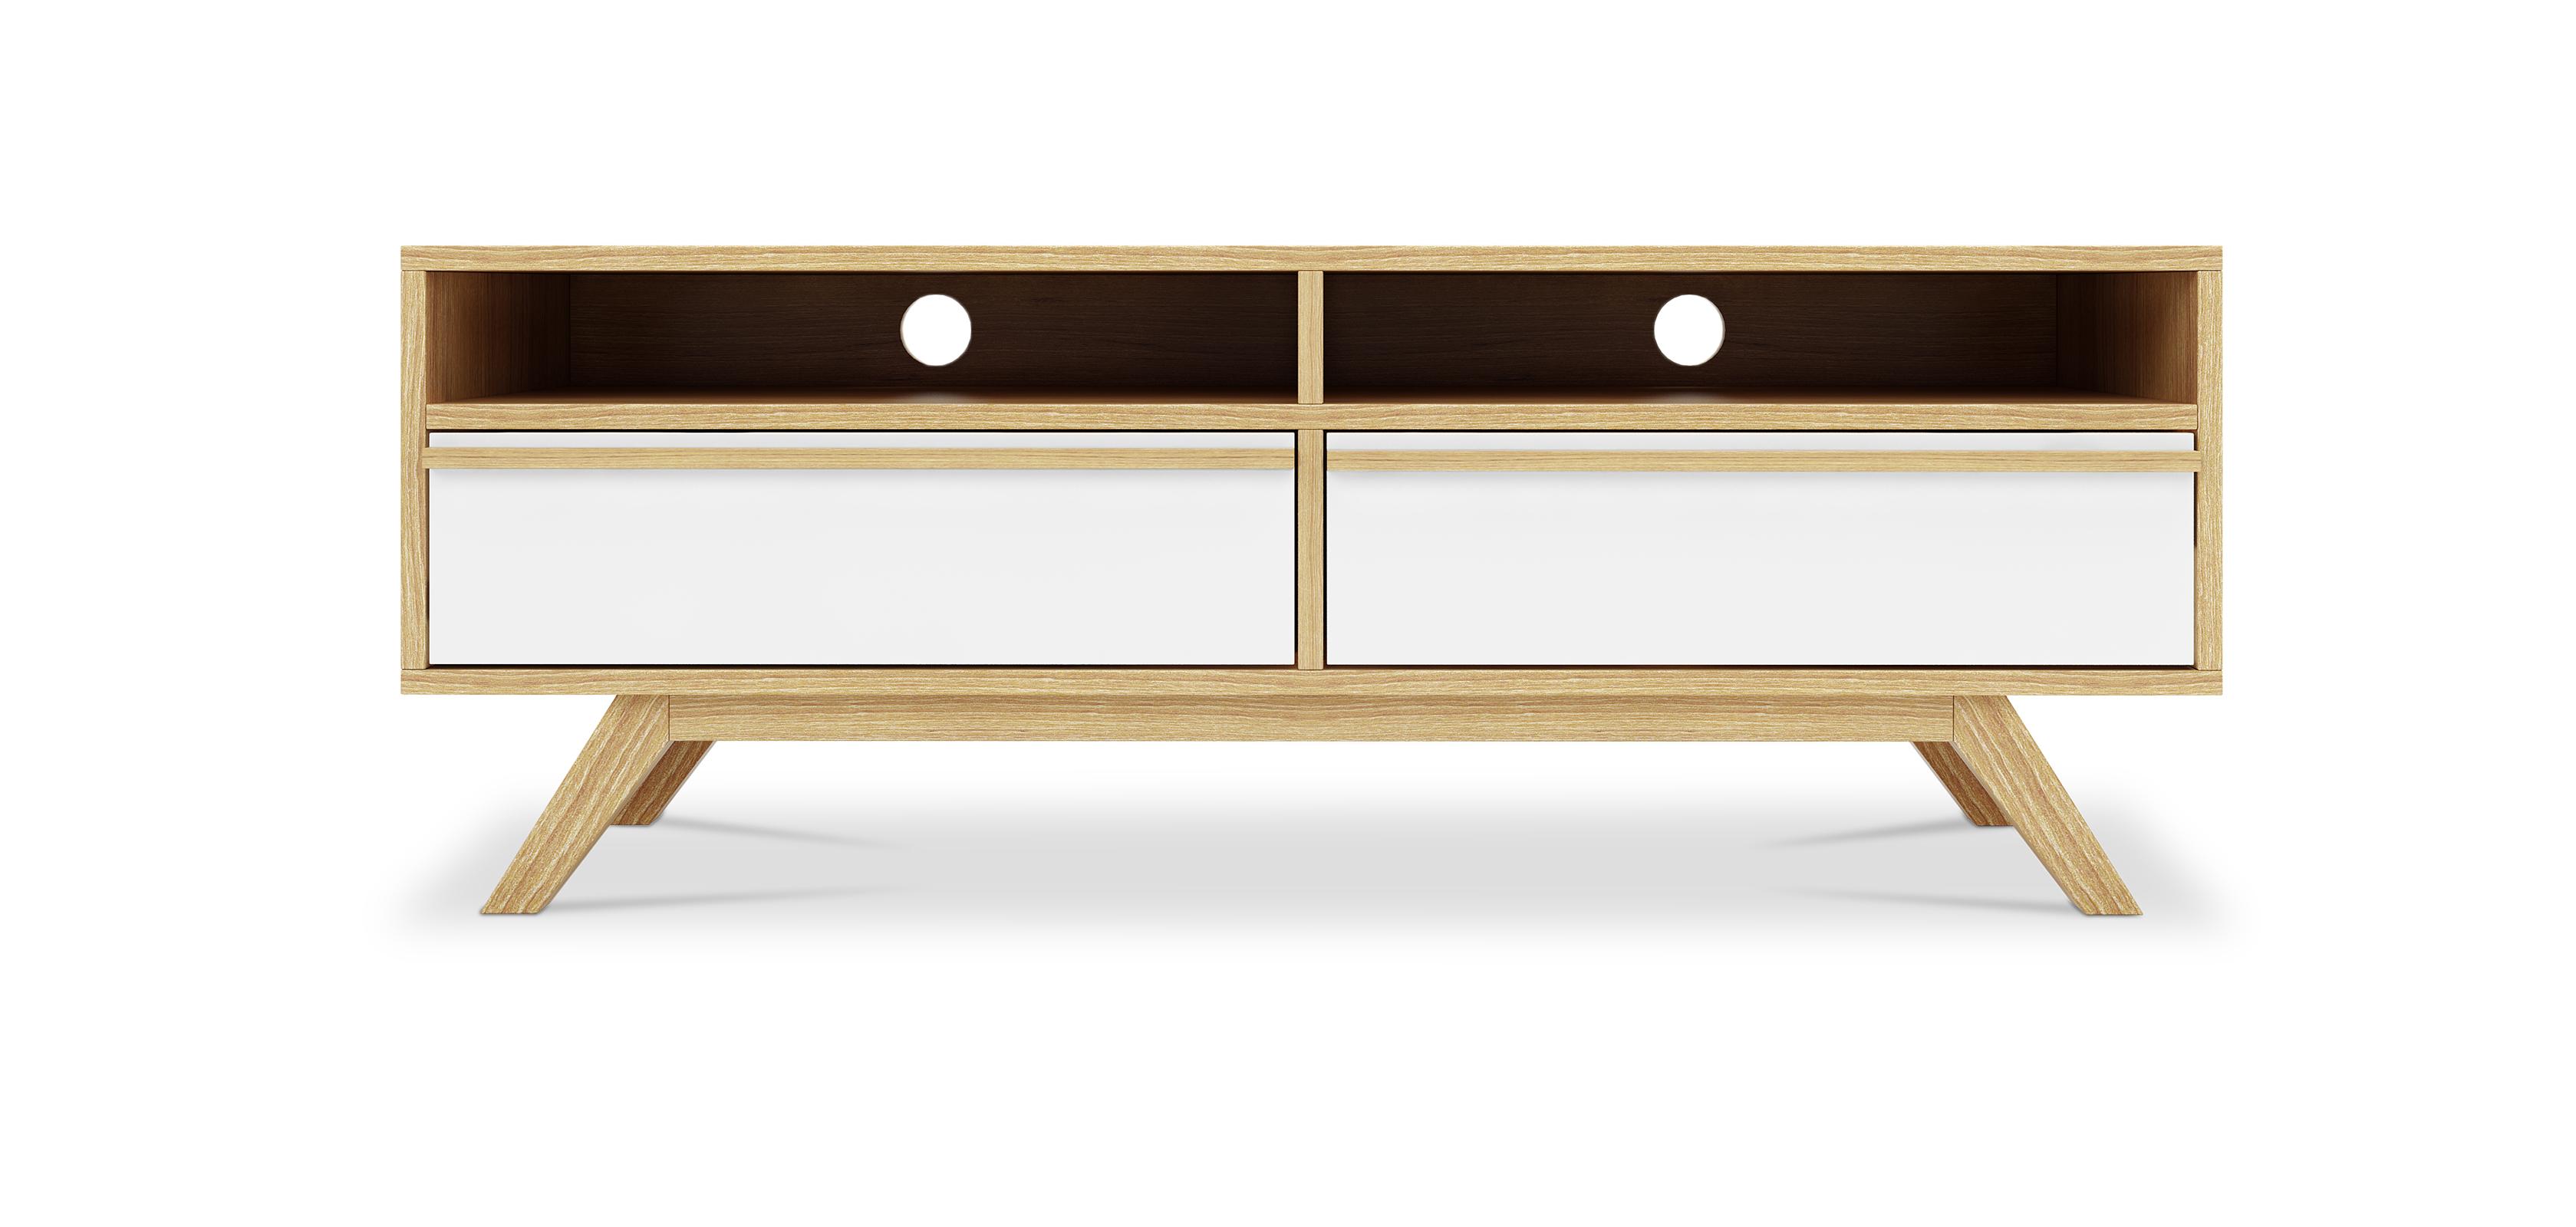 Mueble tv estilo escandinavo best n madera for Mueble tv estilo nordico